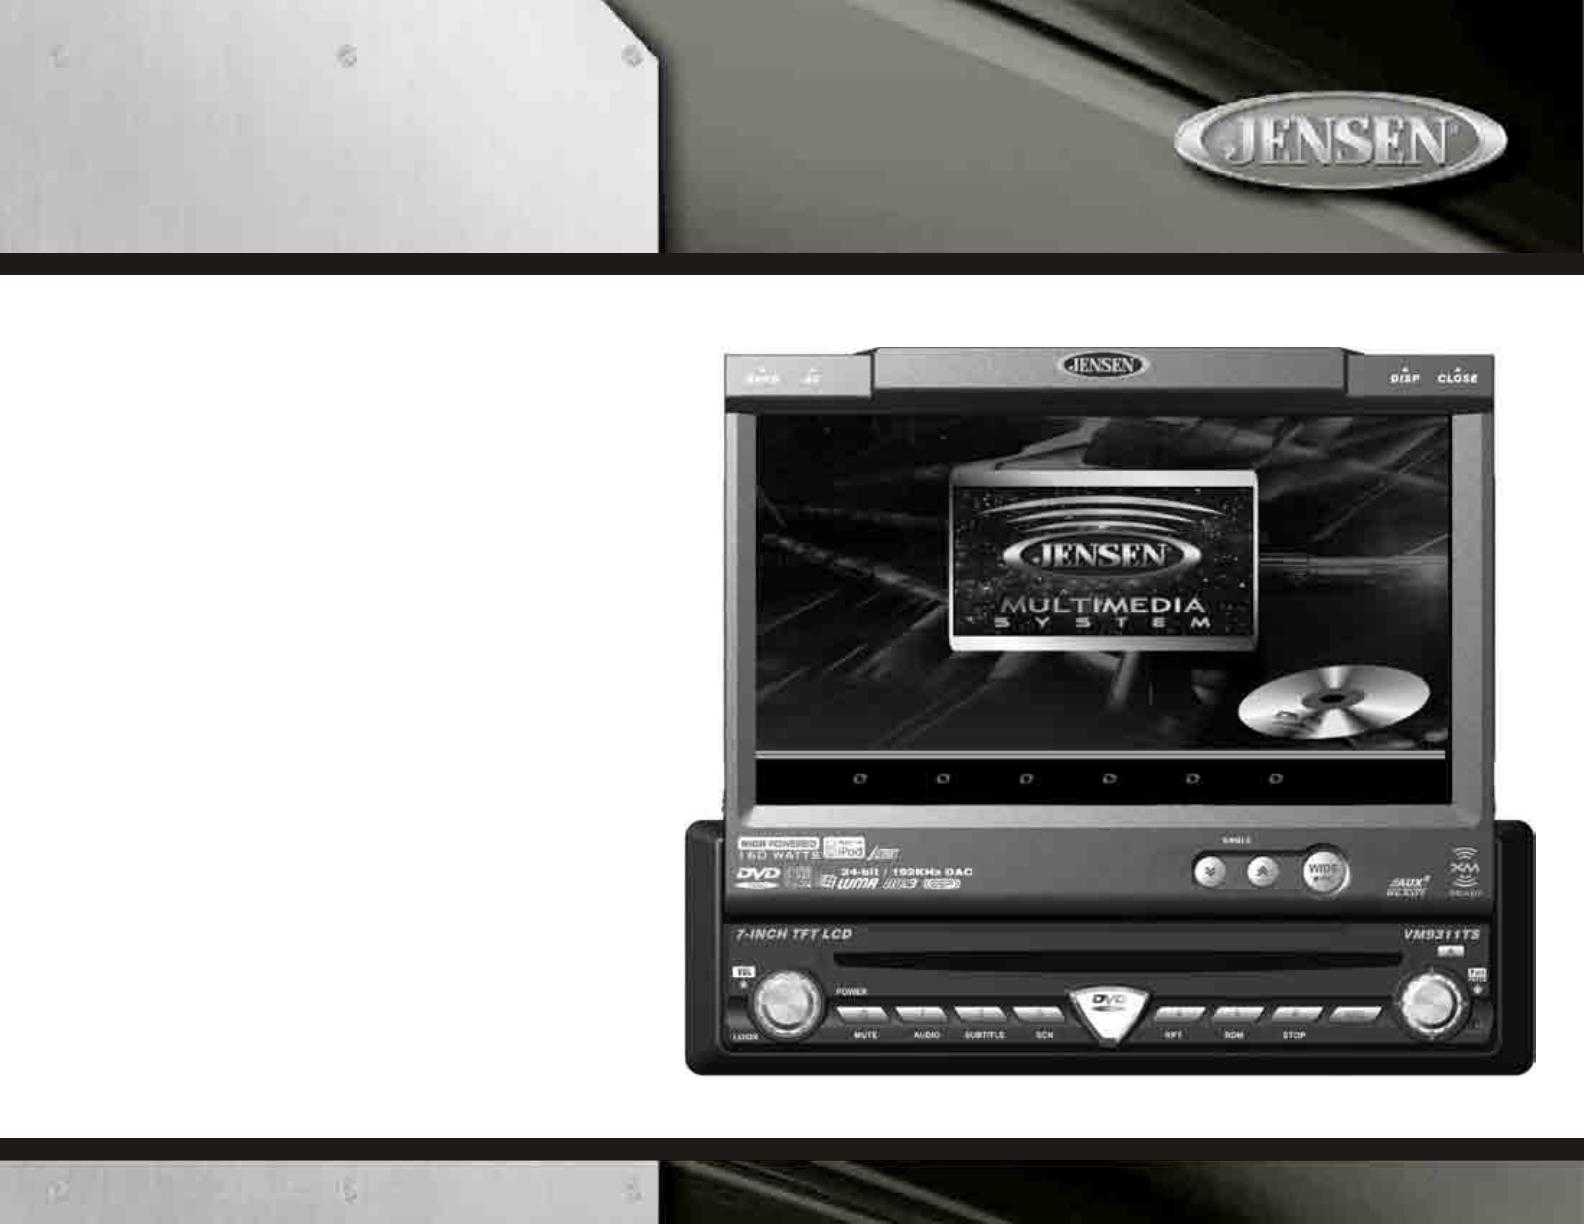 Jensen Car Stereo System Vm9311ts User Guide